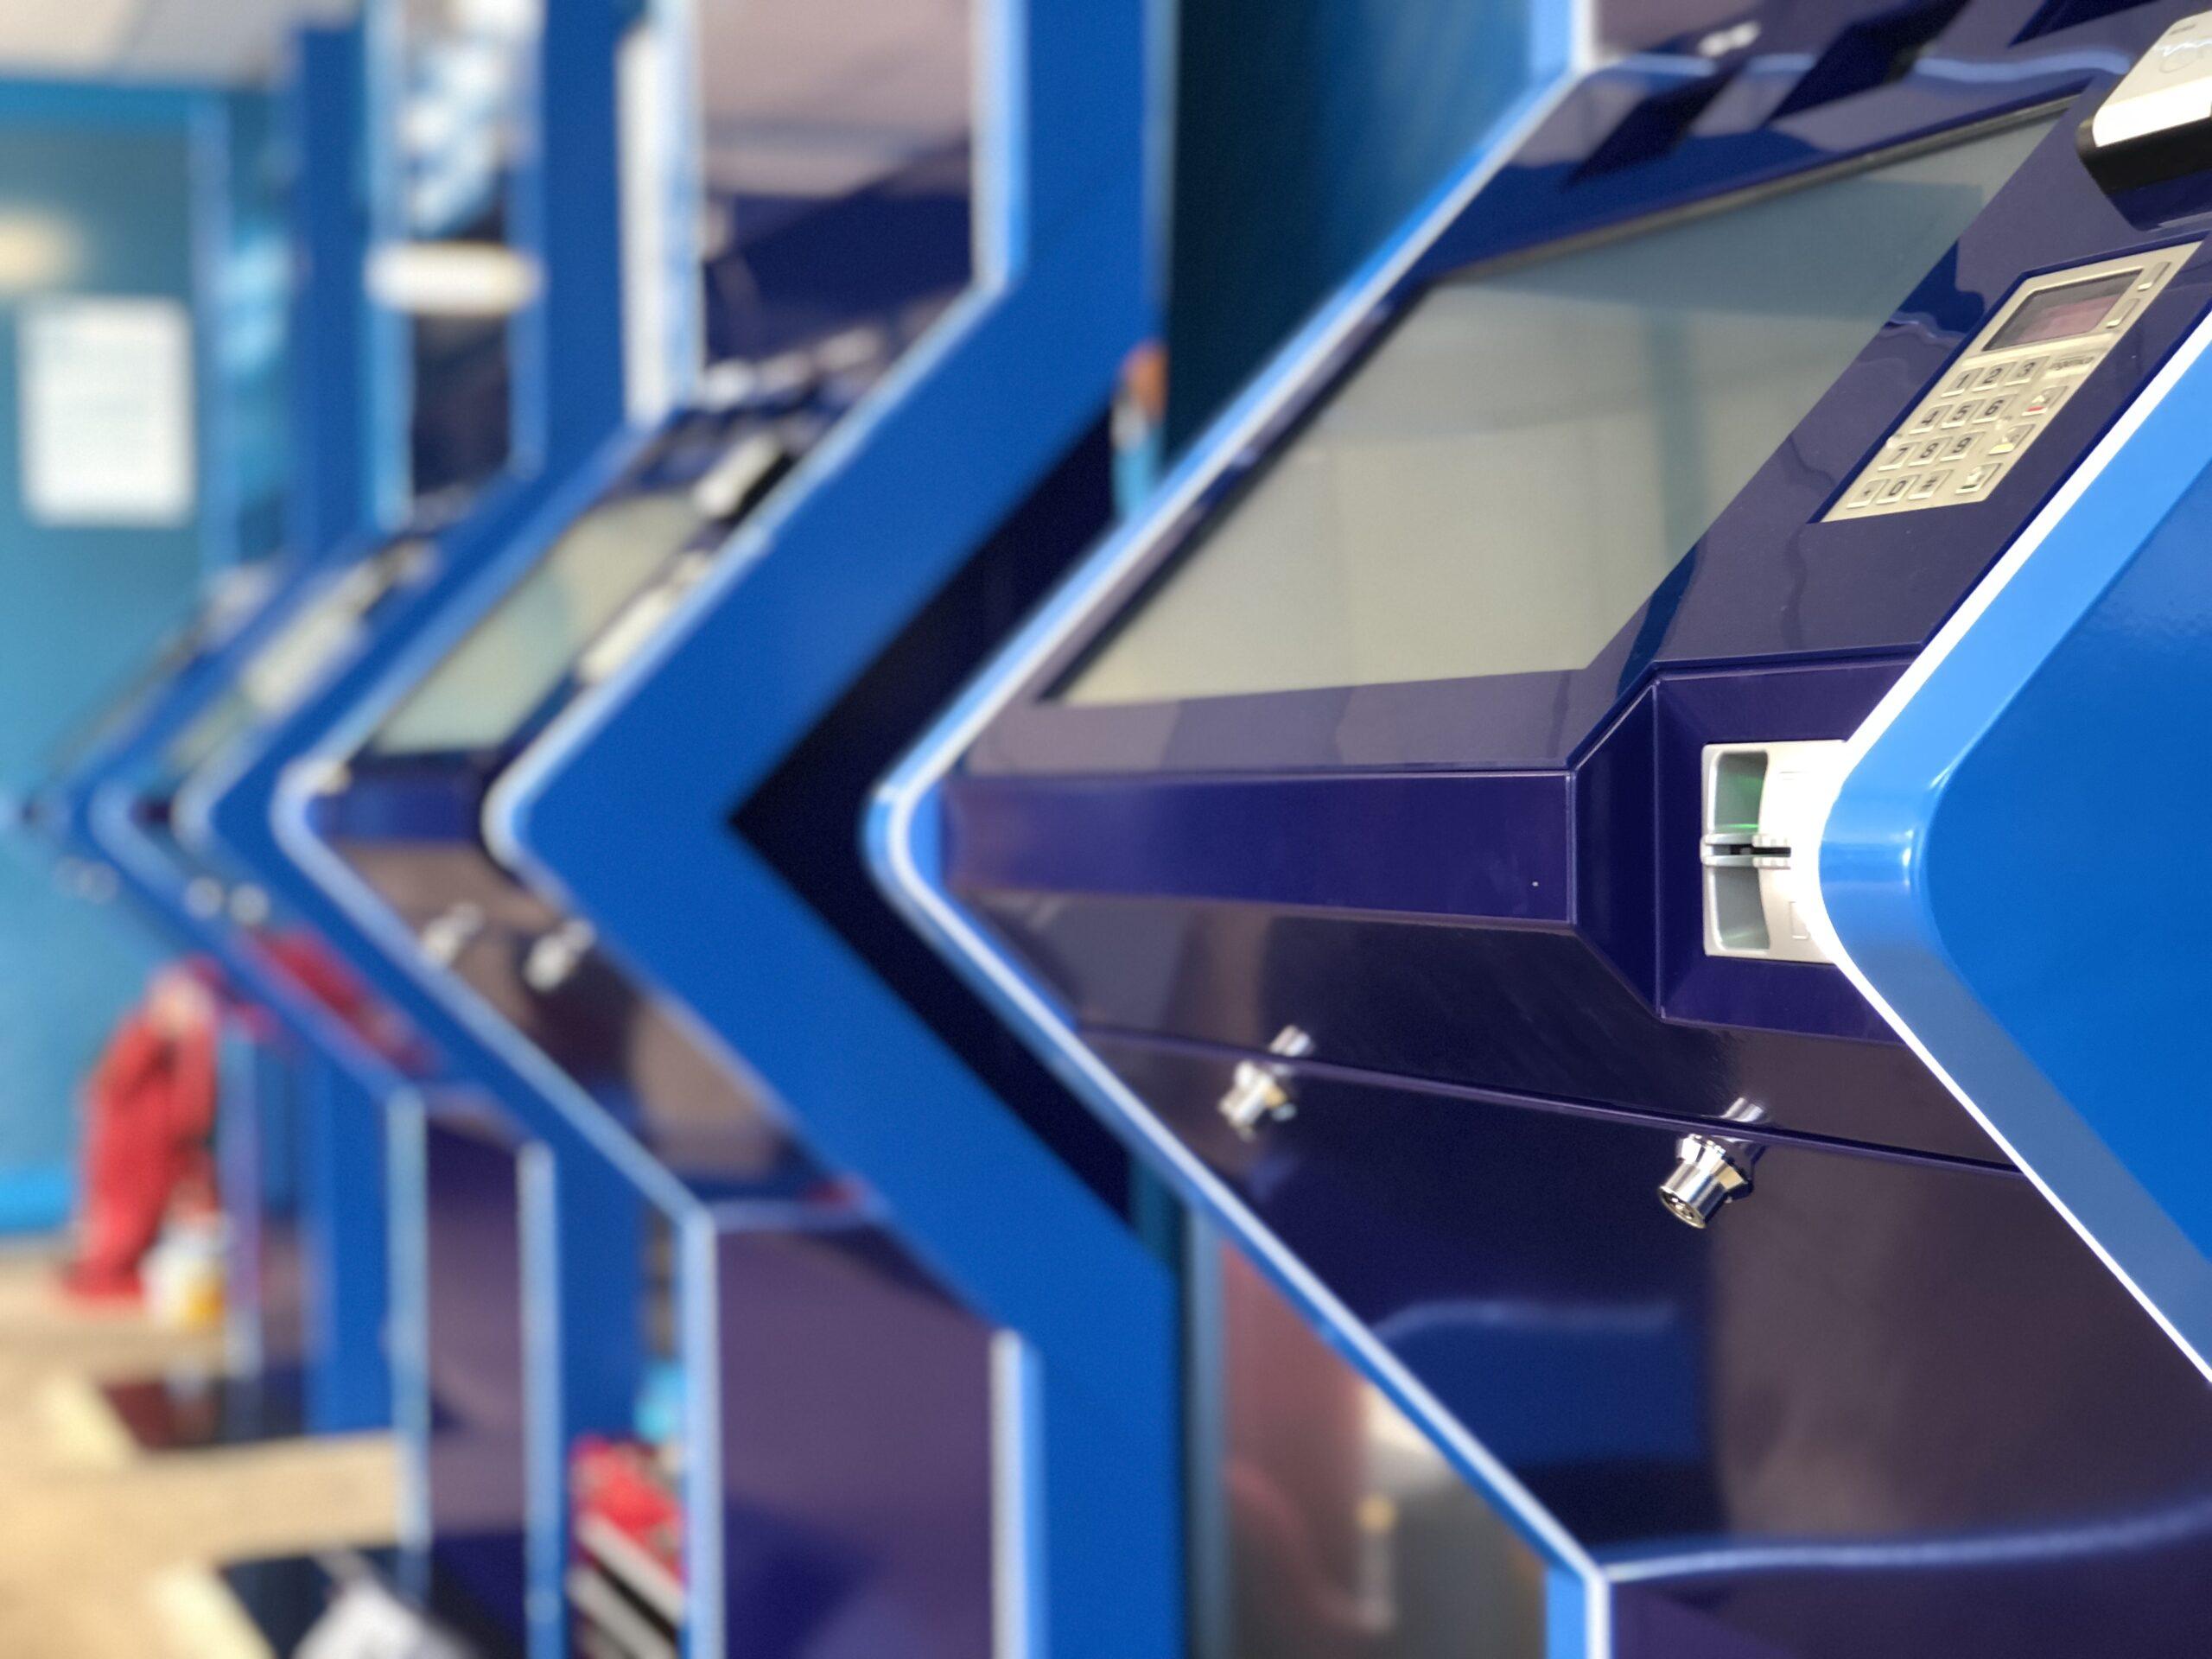 ParkIT kiosks at London Luton Airport